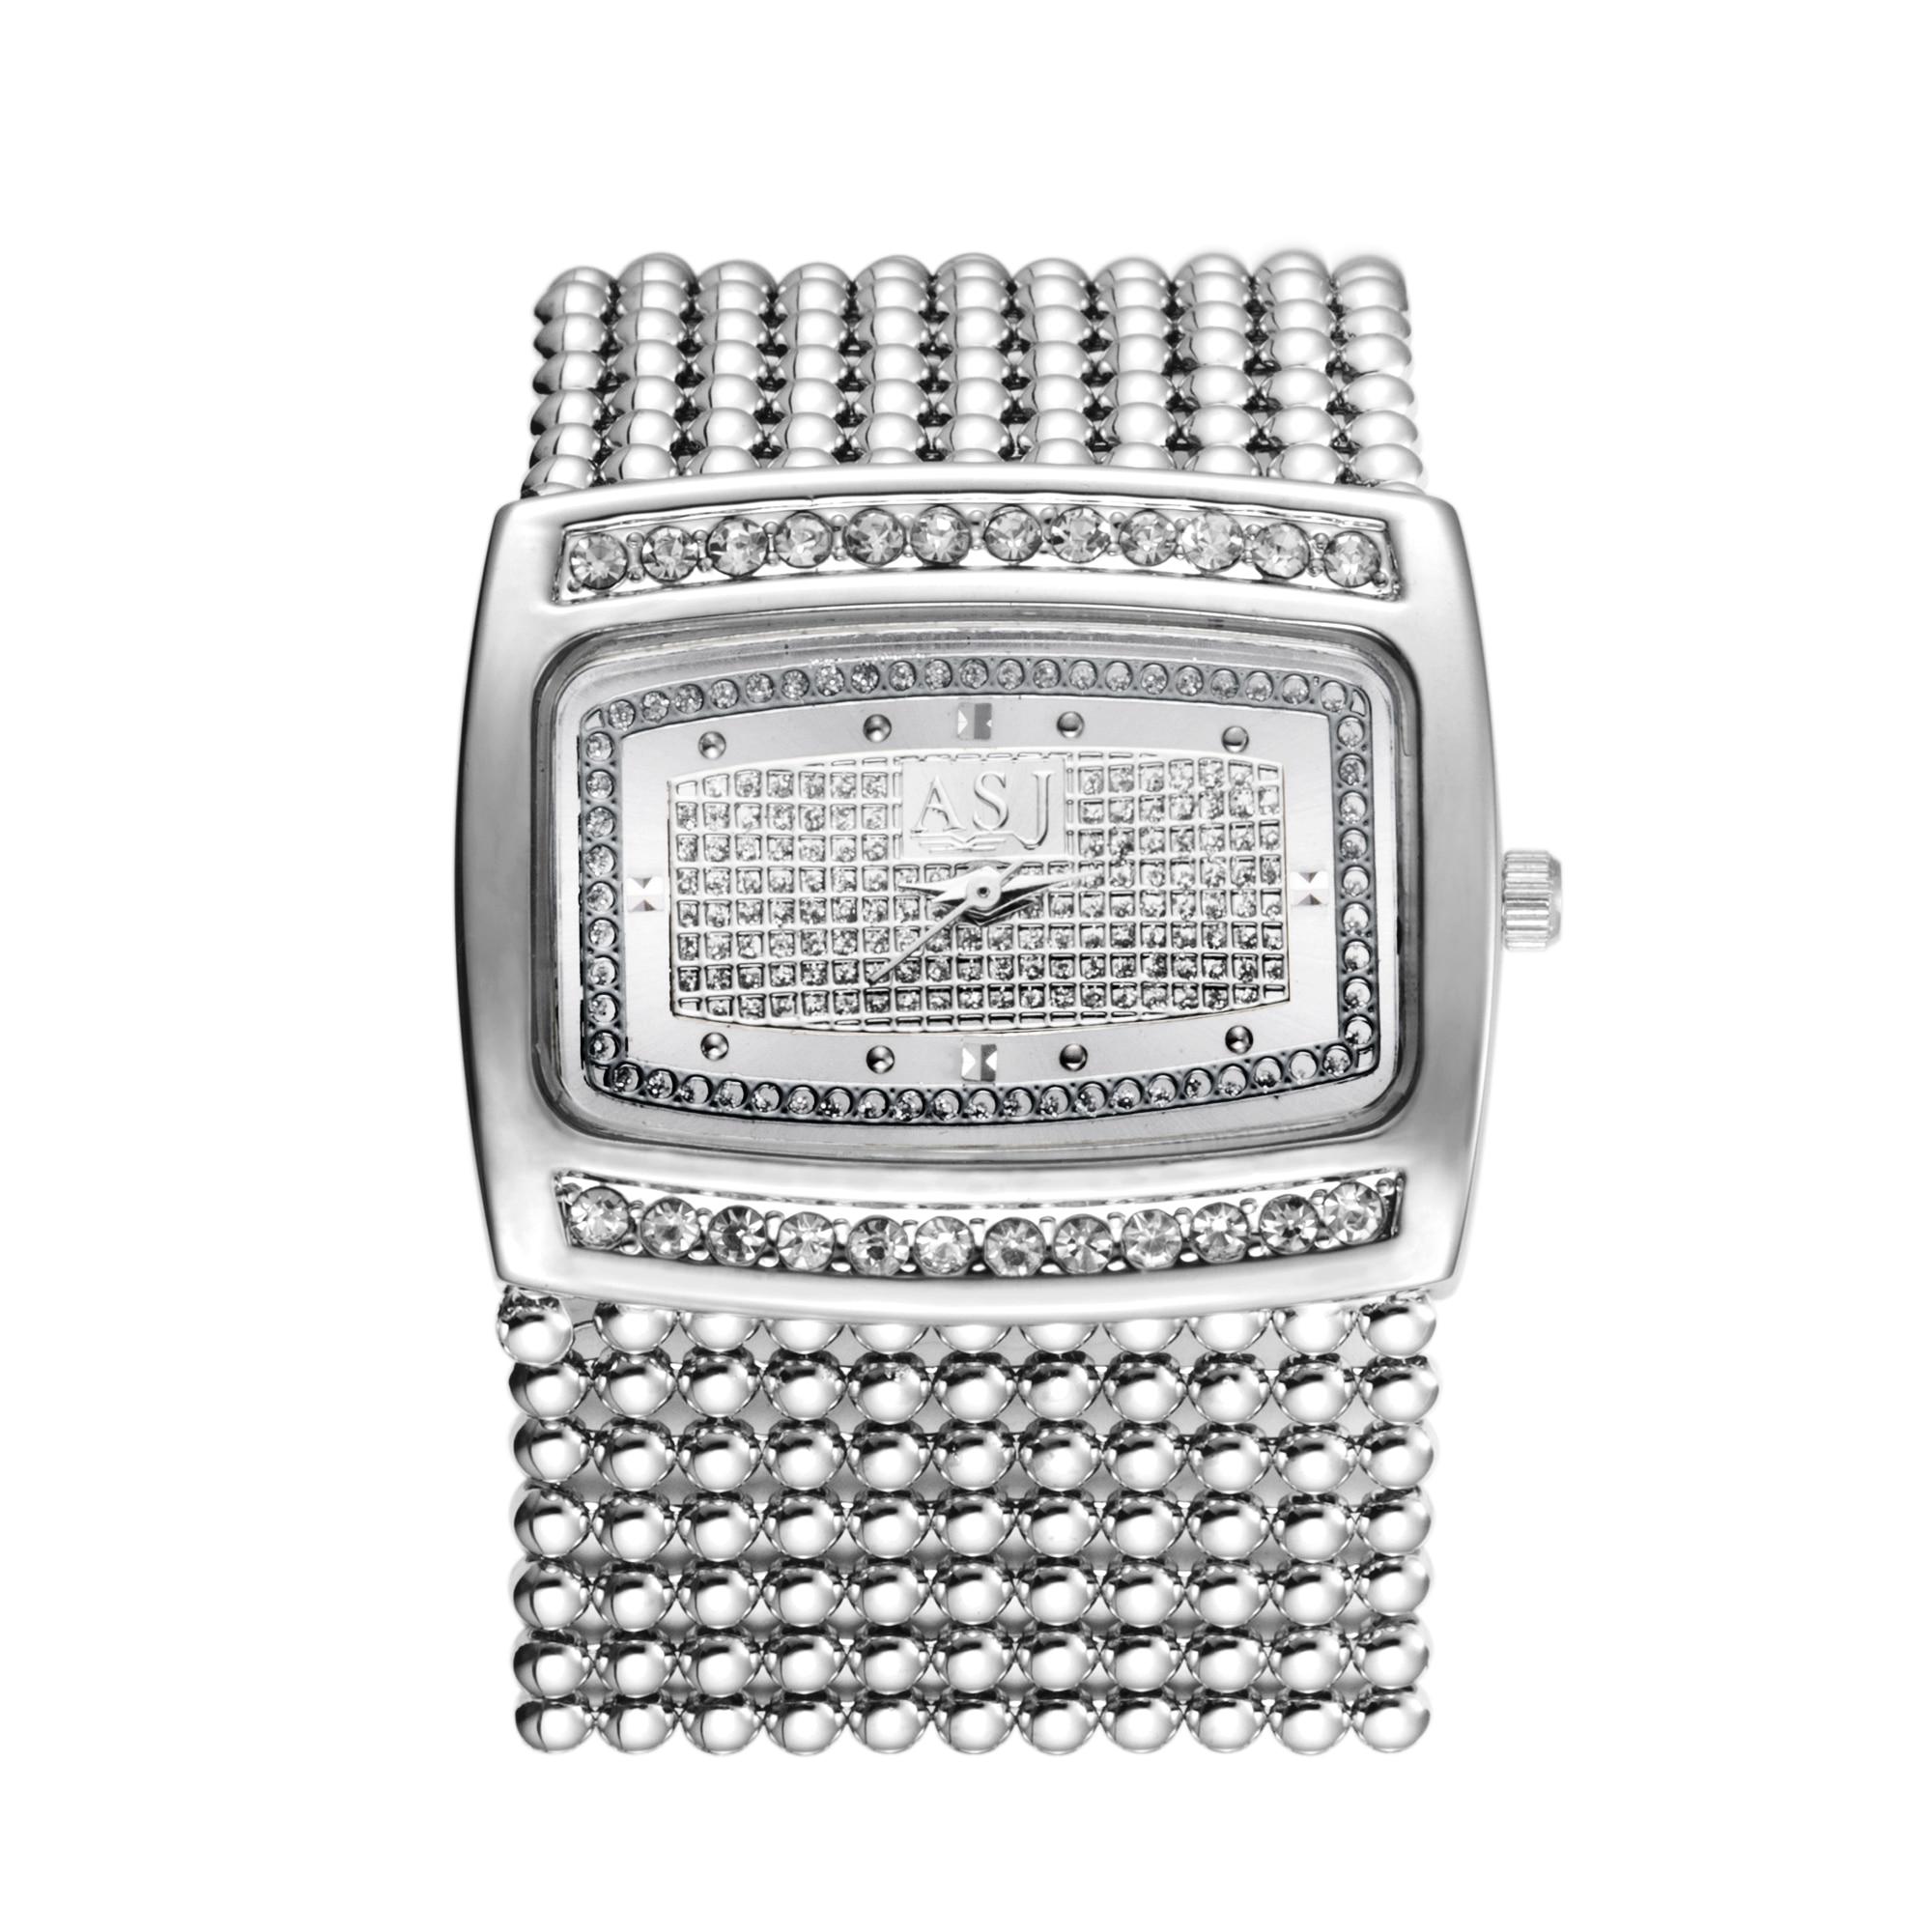 새로운 패션 골드 / 실버 Diamante 케이스 합금 쿼츠 시계 여성 라인 석 손목 시계 드레스 Wristwatches, Dropshipping